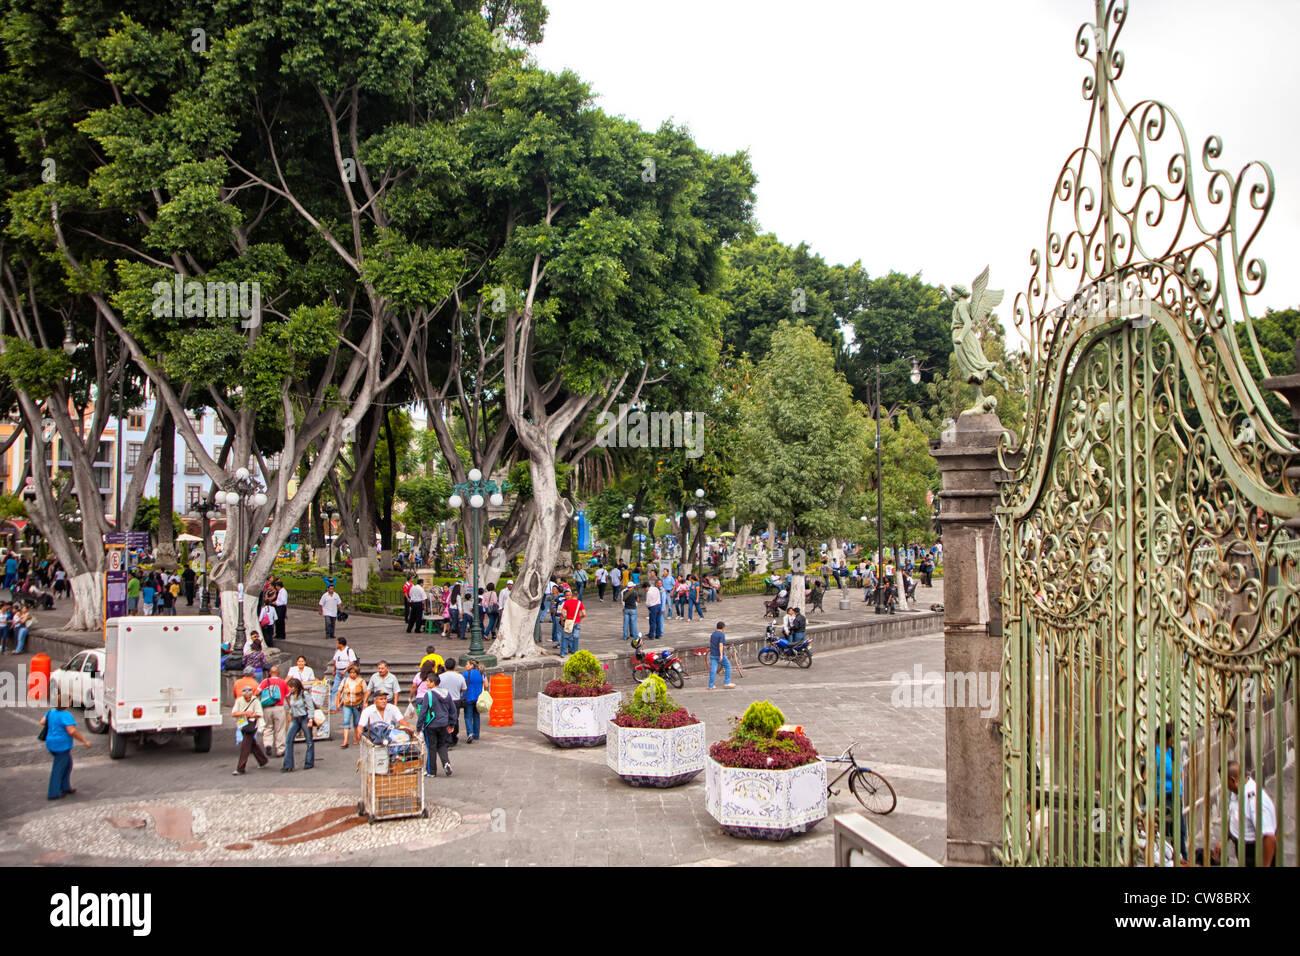 Zocalo in downtown Puebla, Mexico - Stock Image